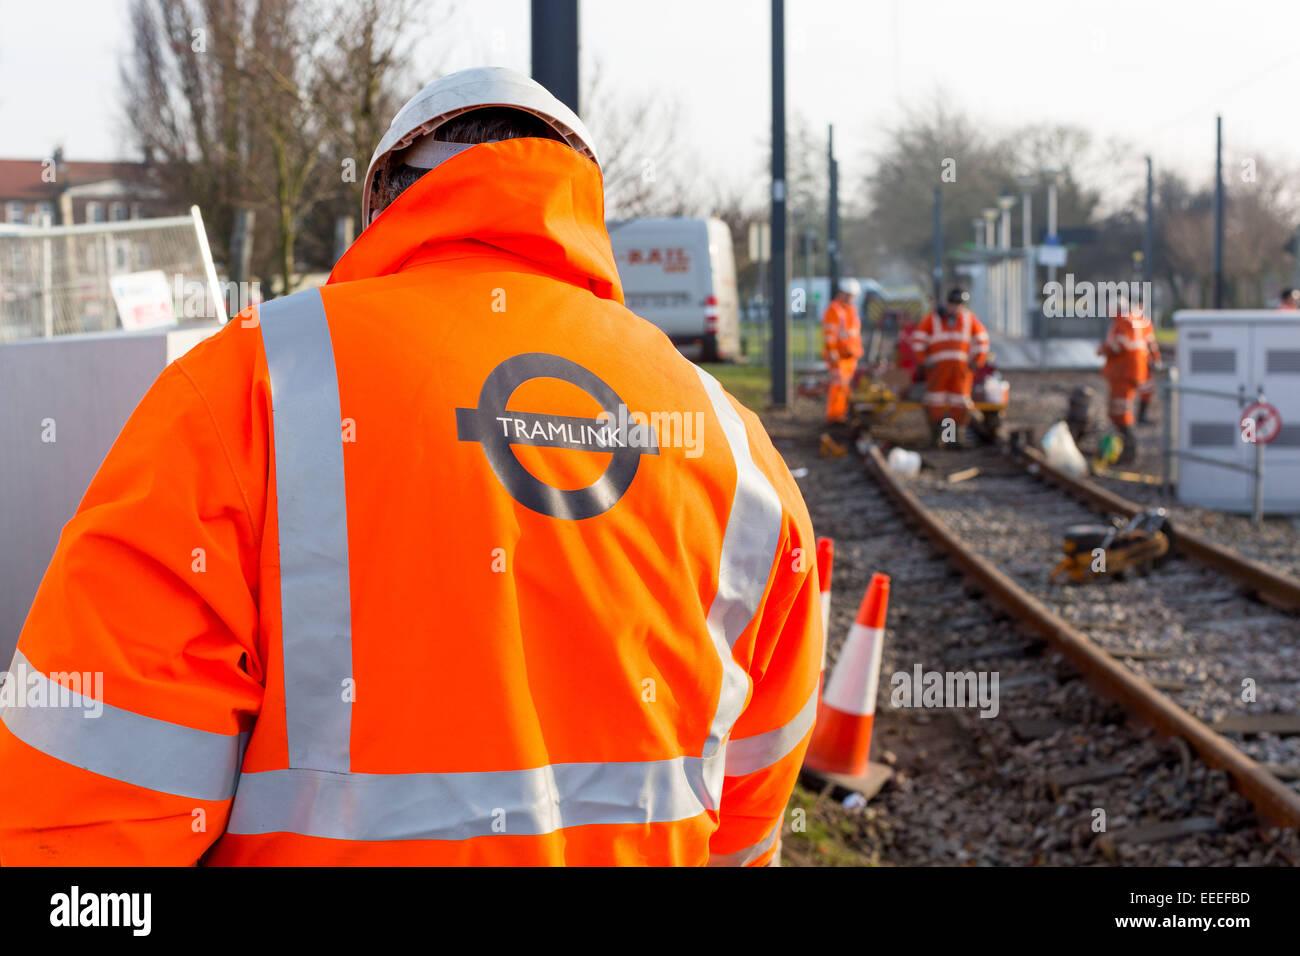 Miglioramento Tramlink lavora a New Addington Immagini Stock